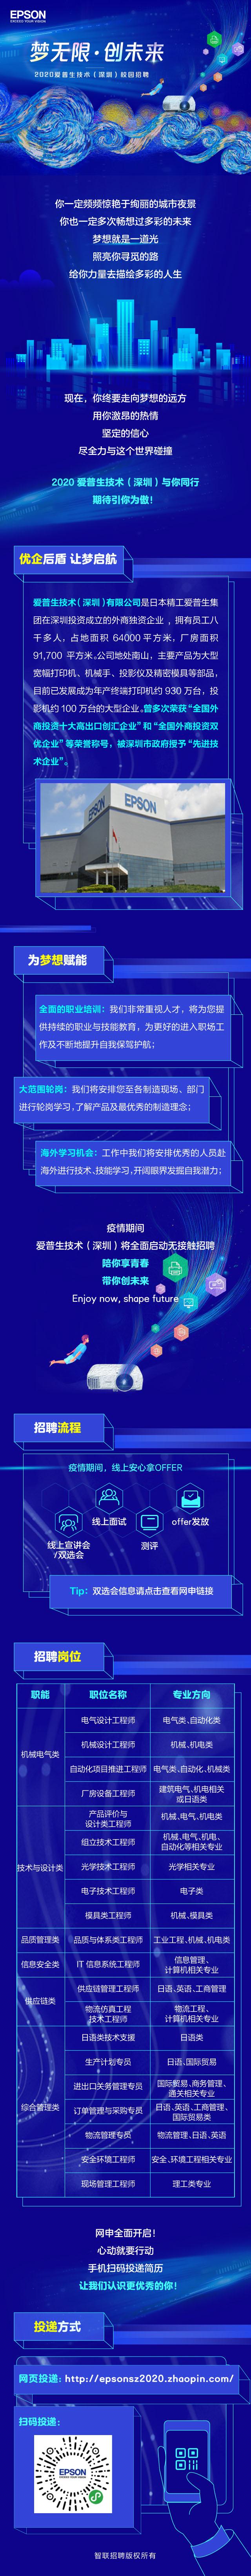 长图文1m(小程序二维码版本).jpg